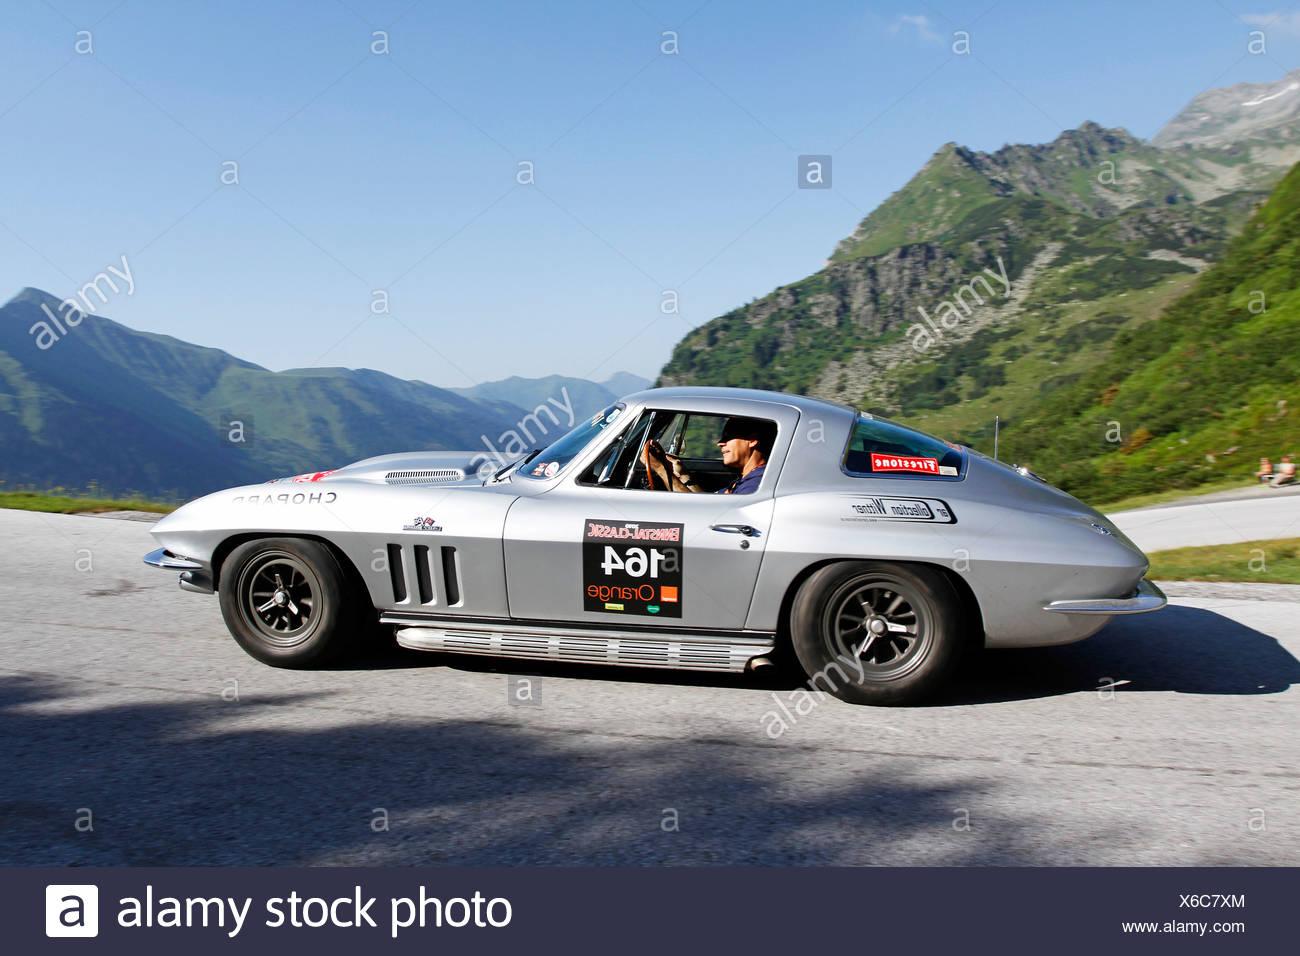 Chevrolet Corvette Stingray, built in 1966, Soelkpass, Ennstal